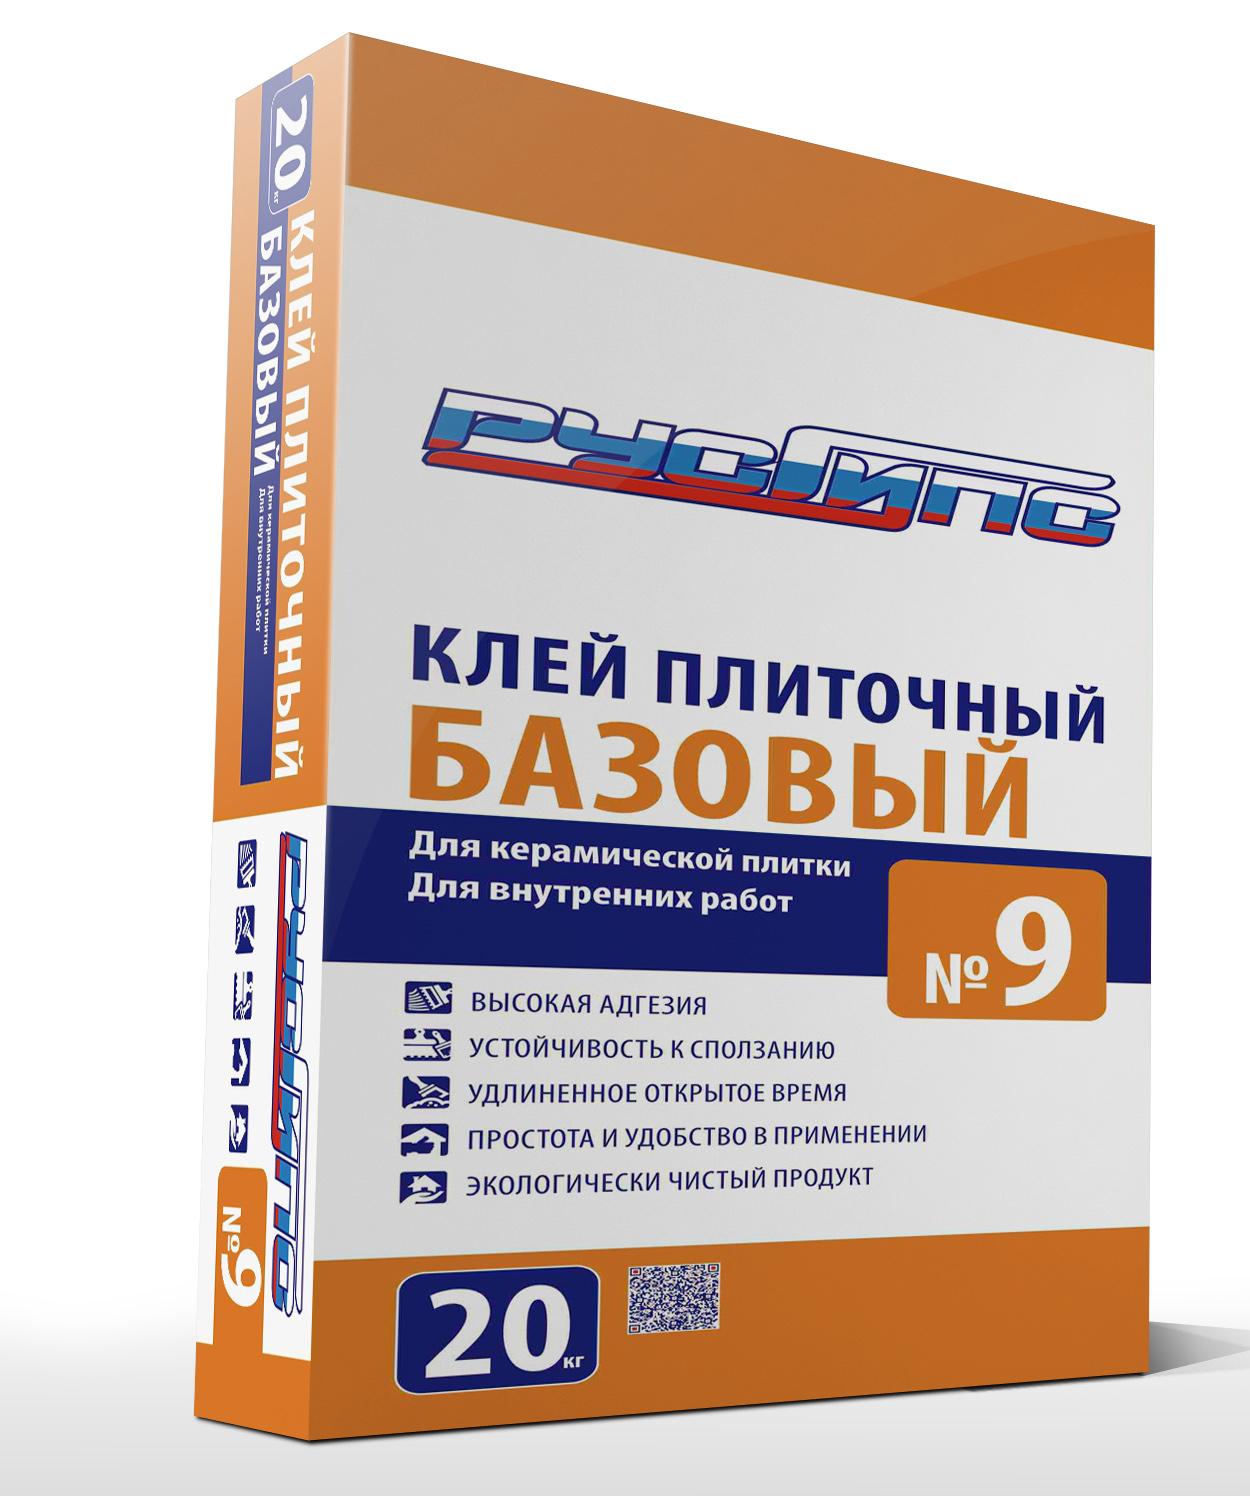 Клей плиточный для внутренних работ №9 РУСГИПС 20 кг